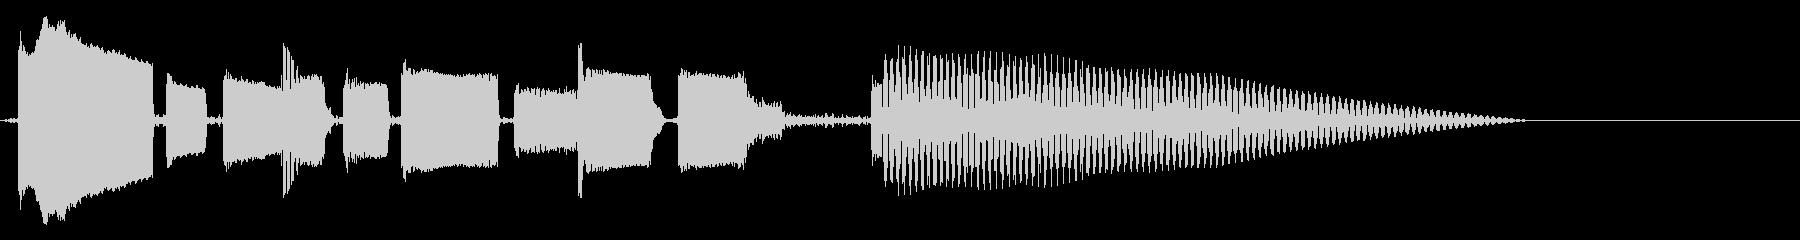 ほのぼのまったりなベースのみのジングルの未再生の波形